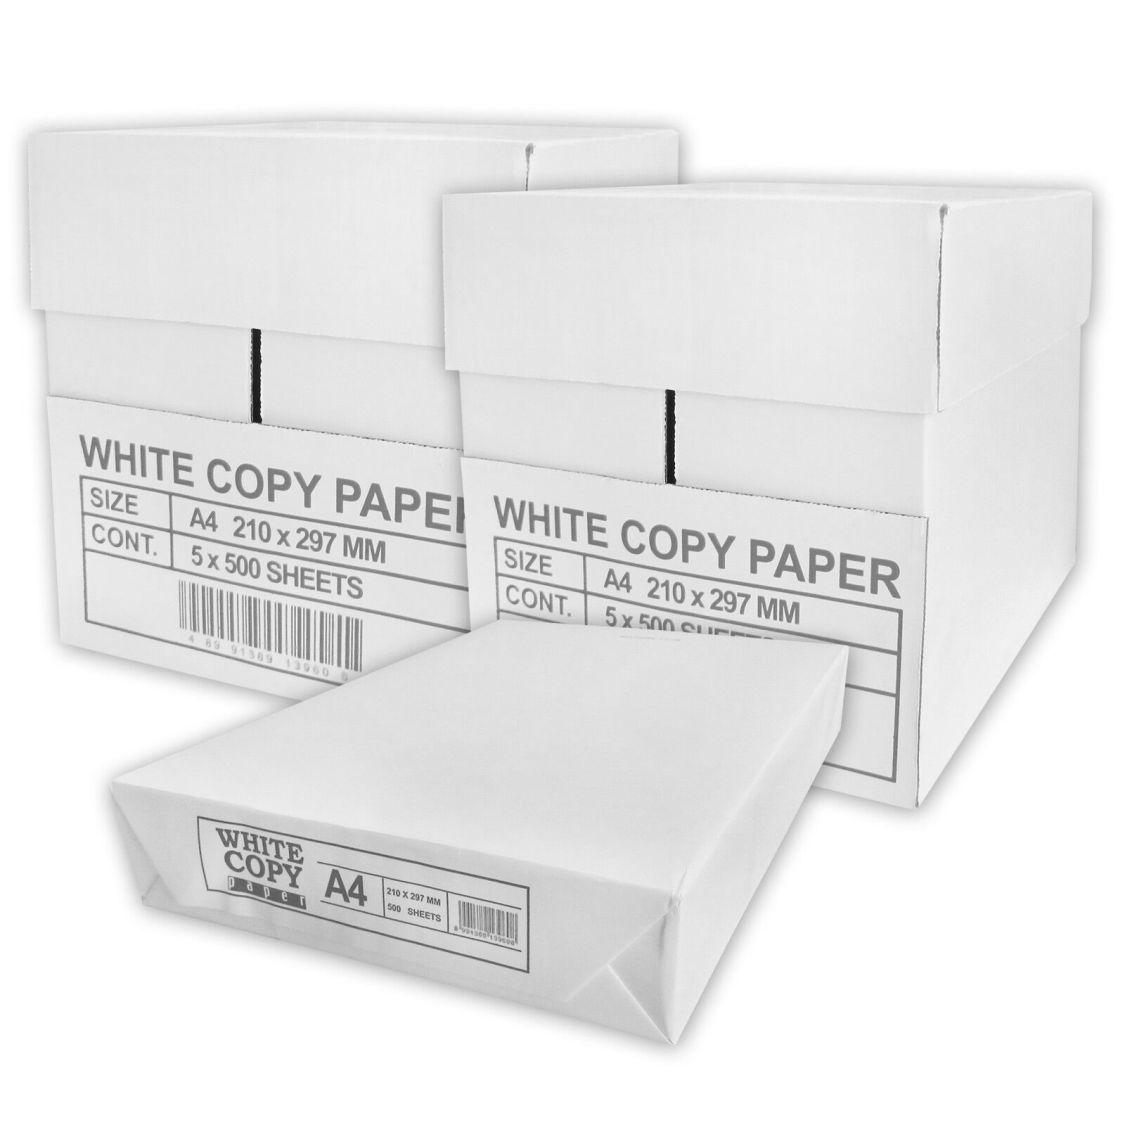 5000 Blatt Papier A4 weiß 80qm Kopierpapier Druckerpapier Laserpapier Faxpapier